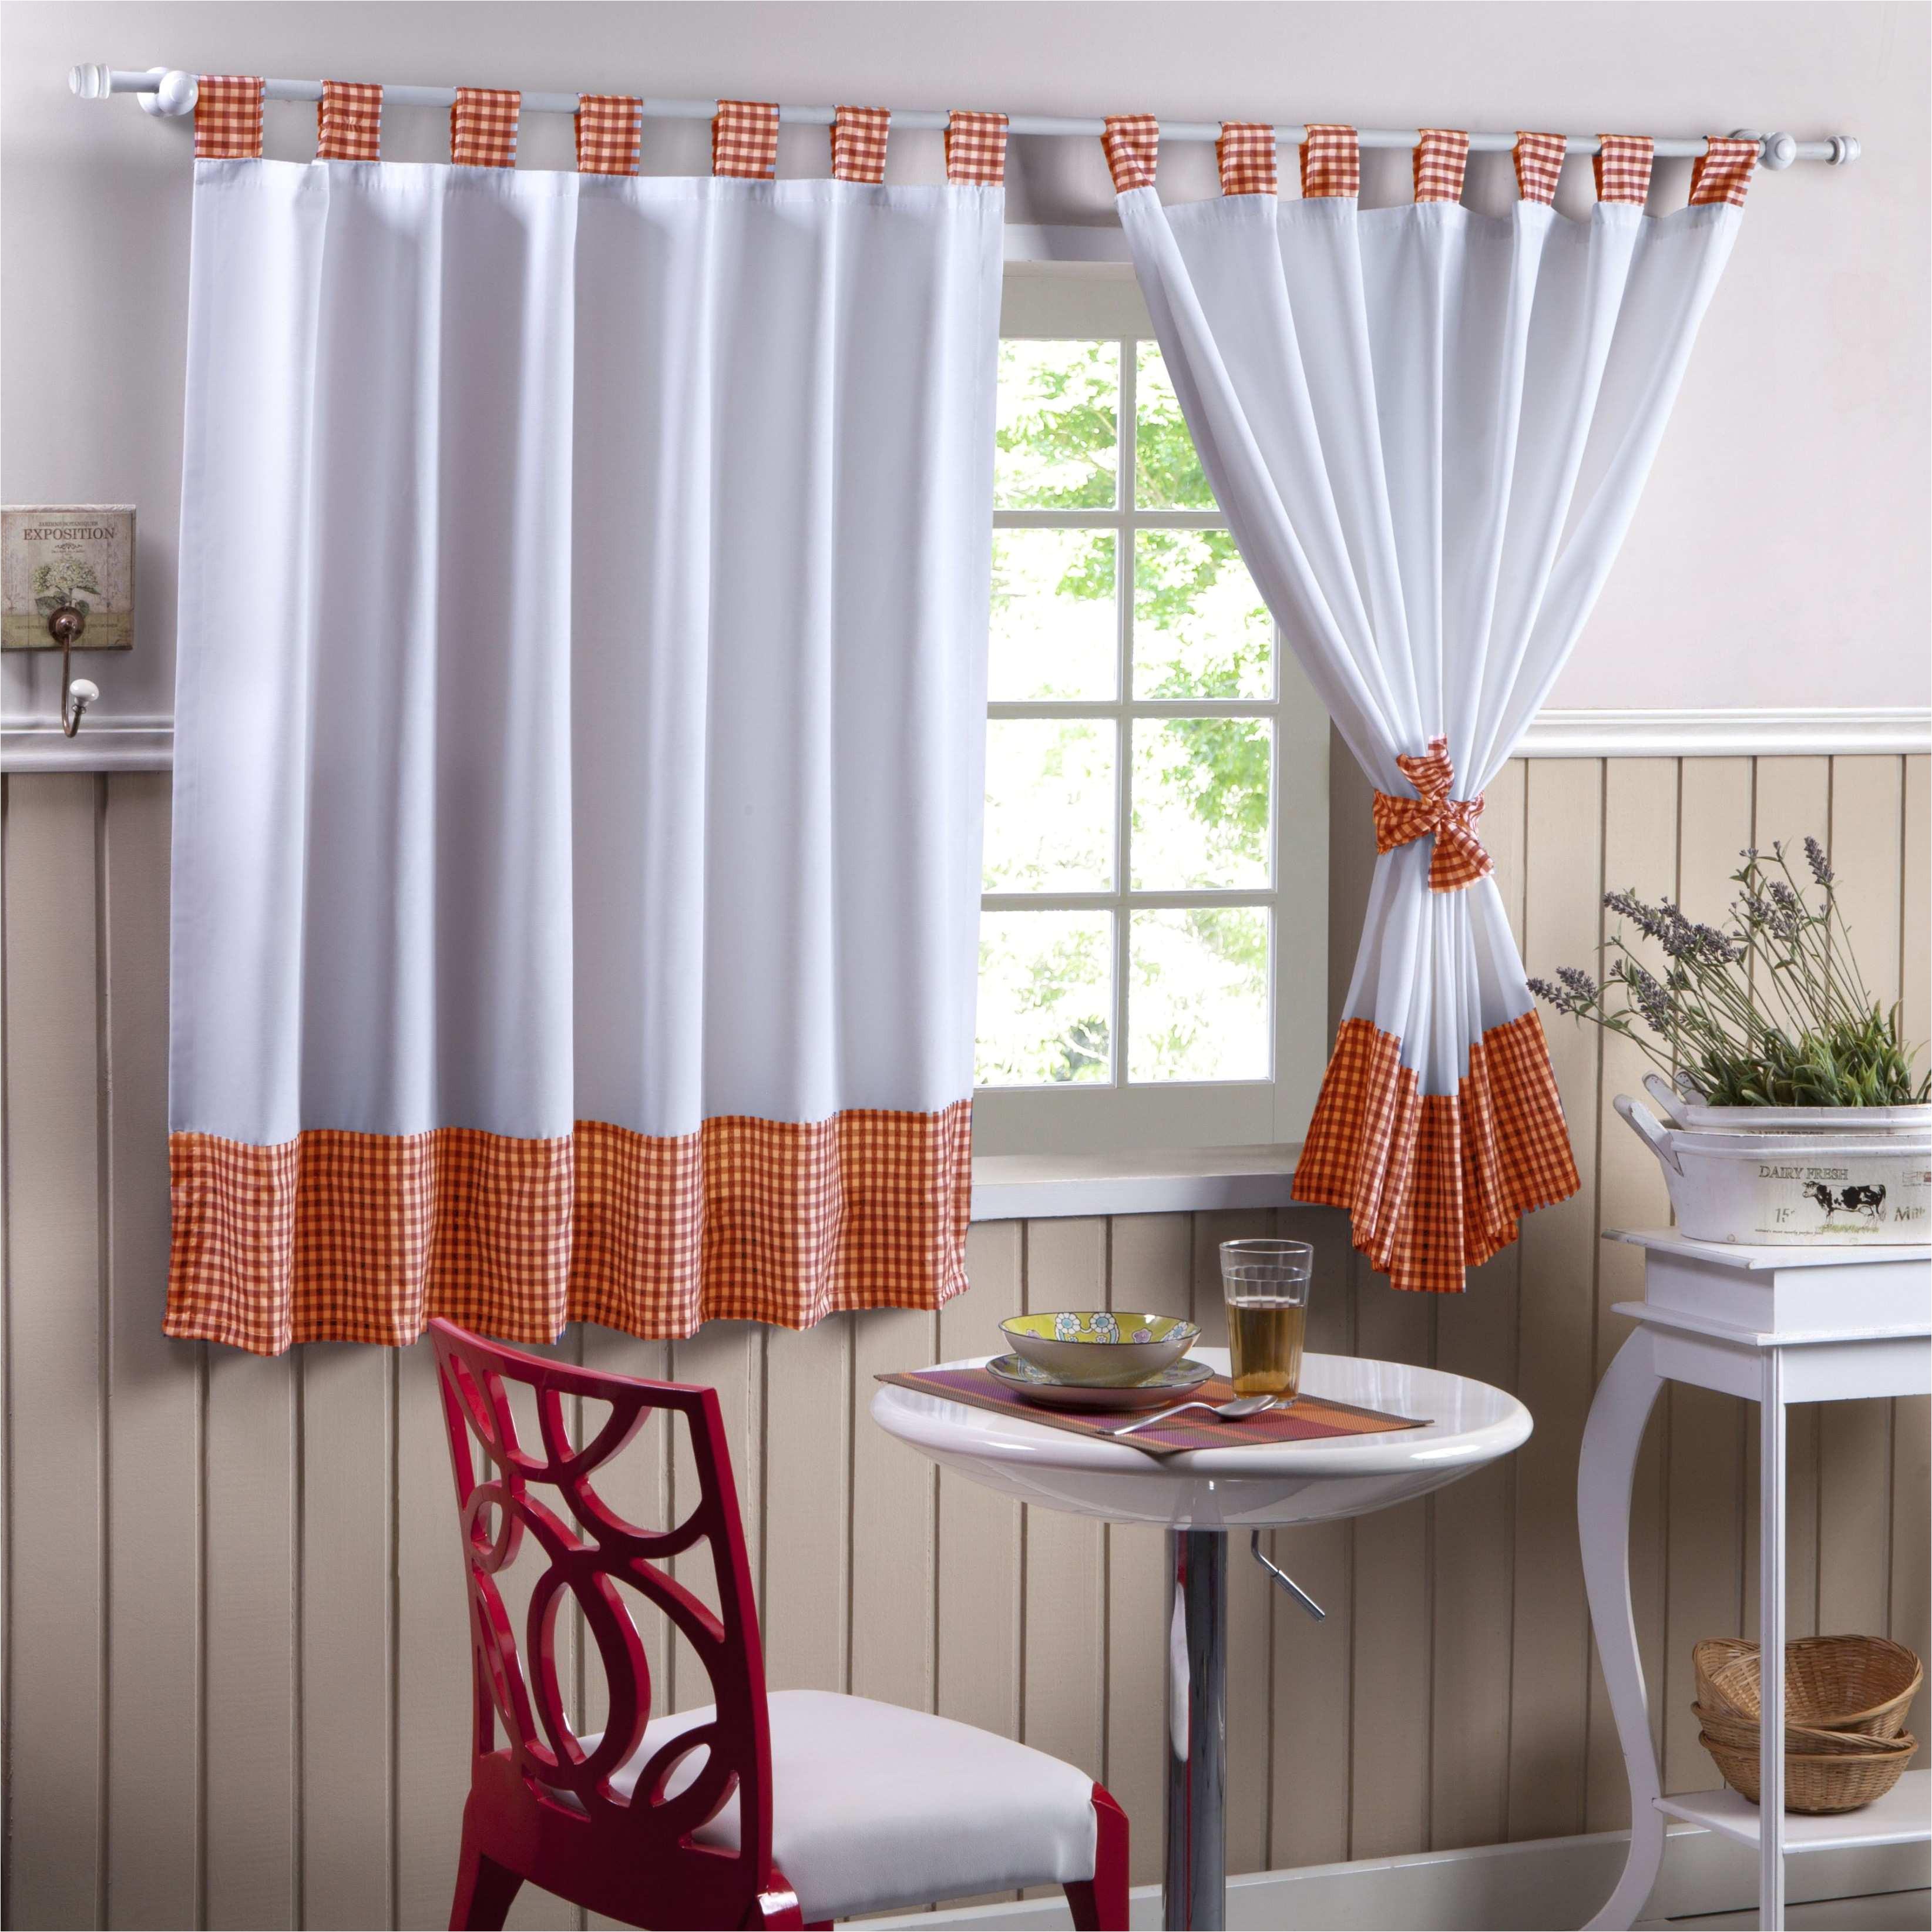 imagenes de cortinas para salon nuevo elegante cortinas de salon modernas fiesta de lamusica medellin